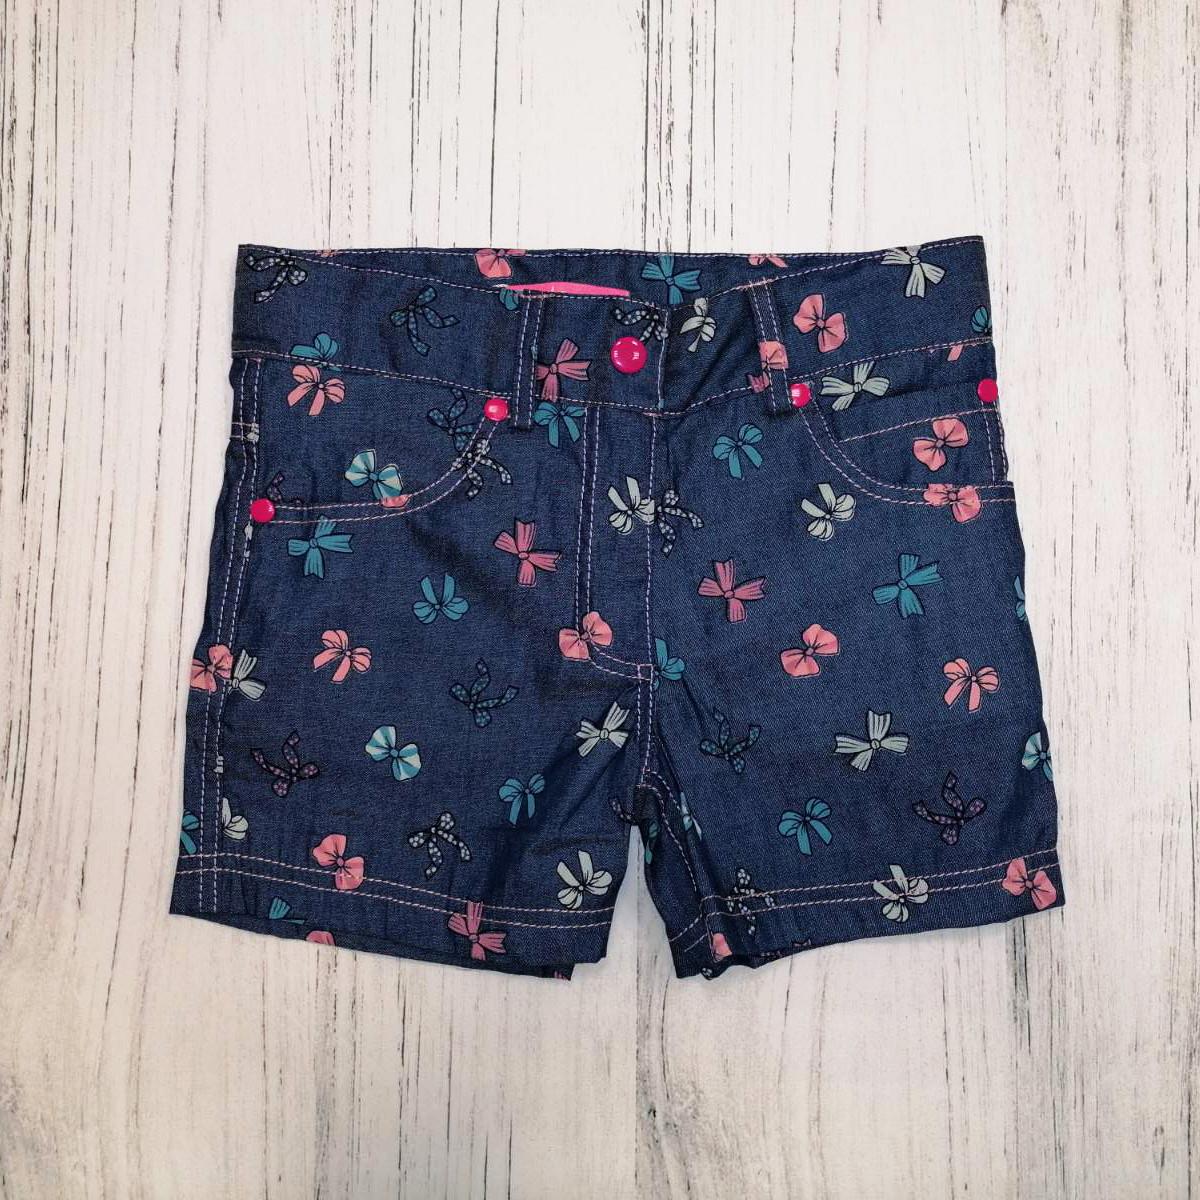 Шорты детские для девочки SmileTime Jeans Bow, джинс